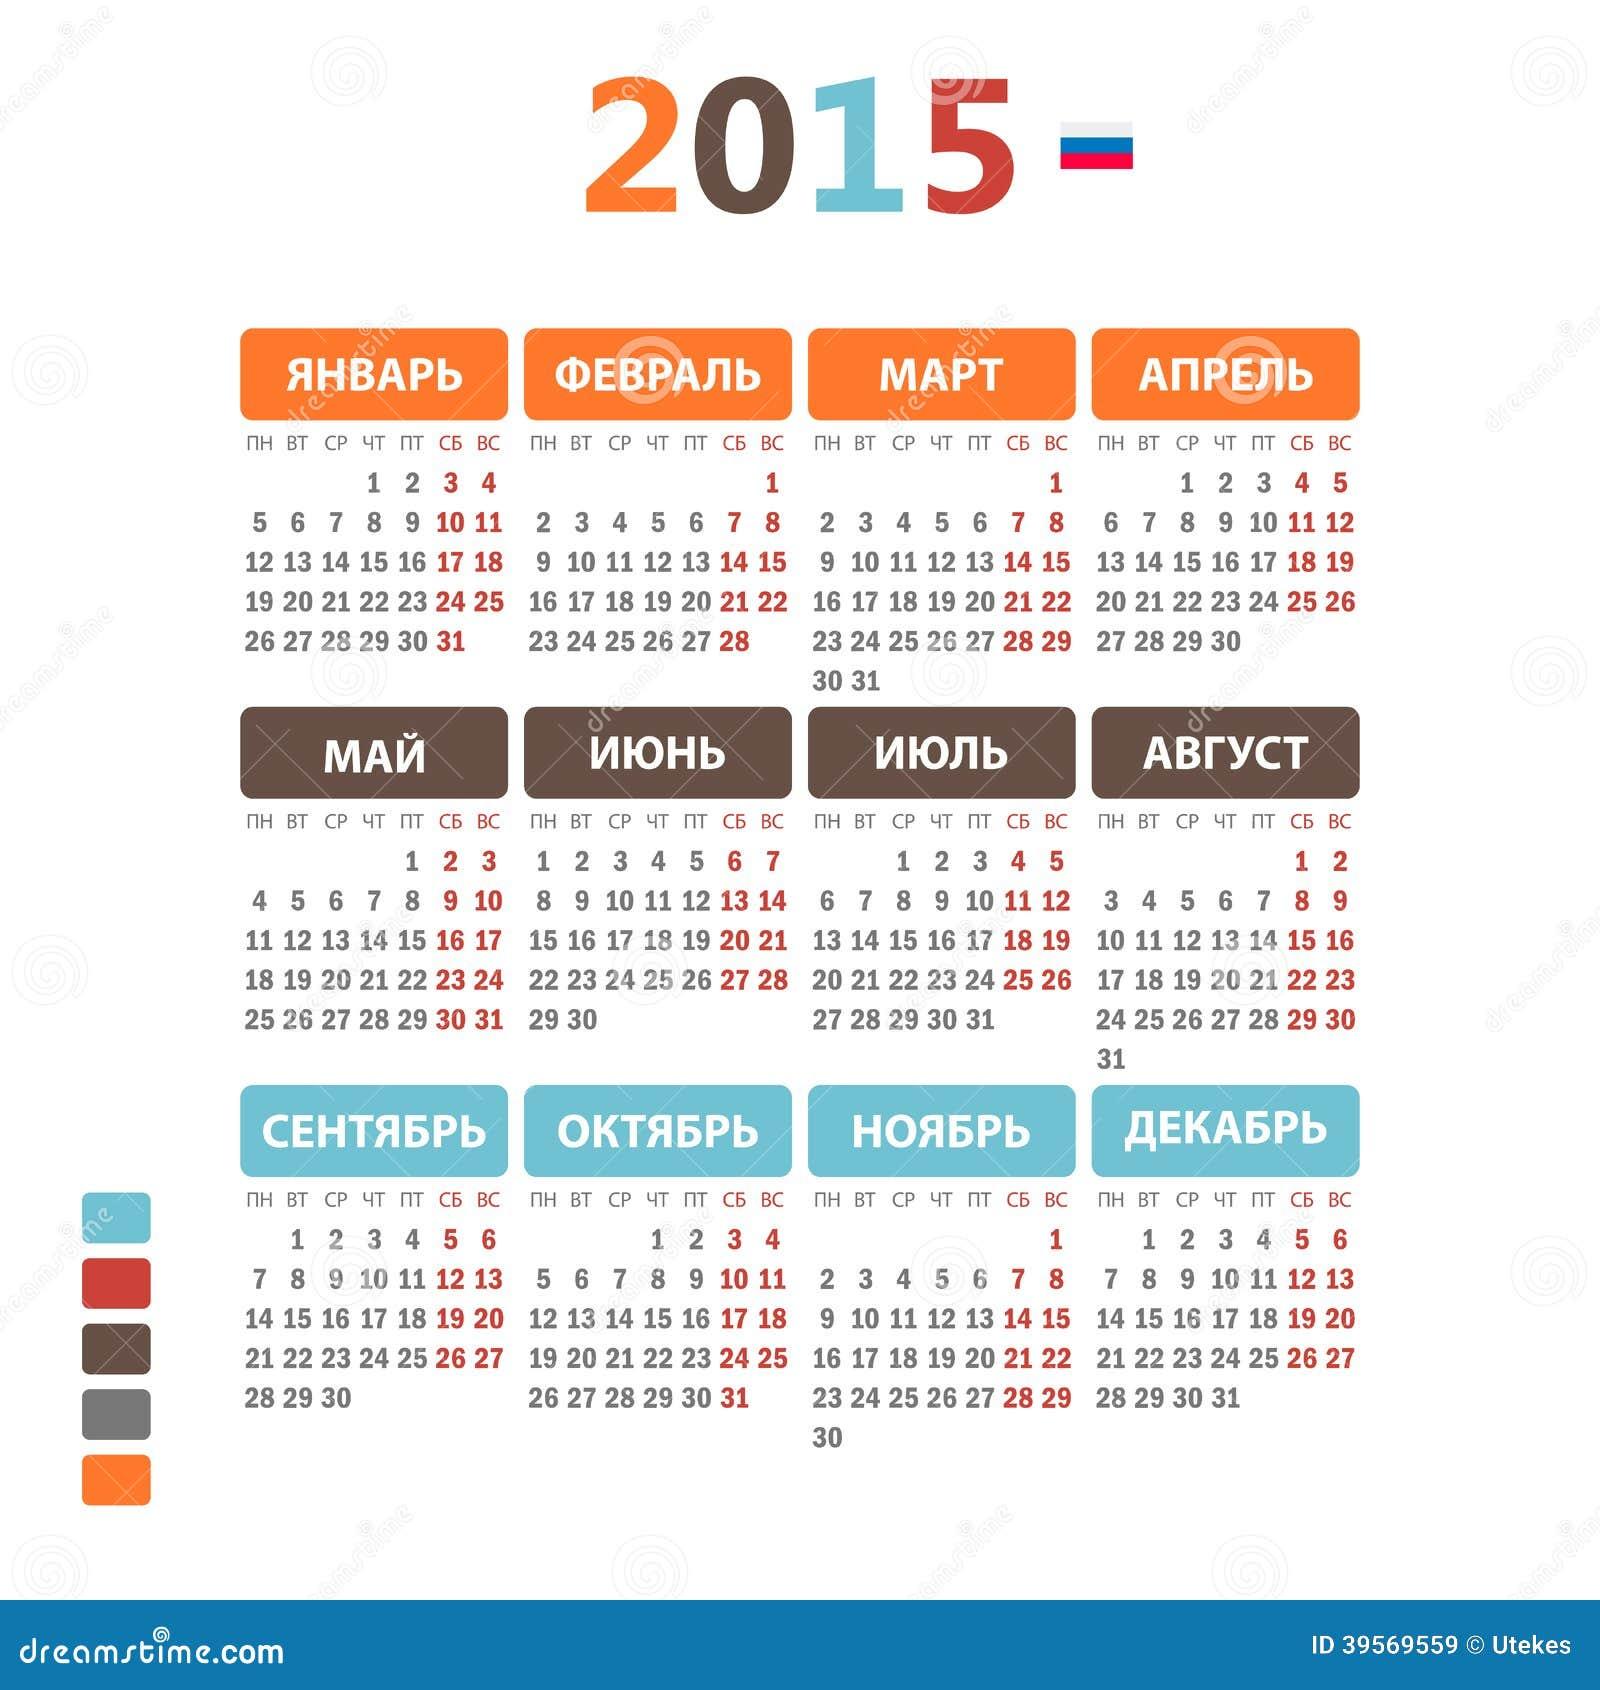 Rysk kalender 2015.